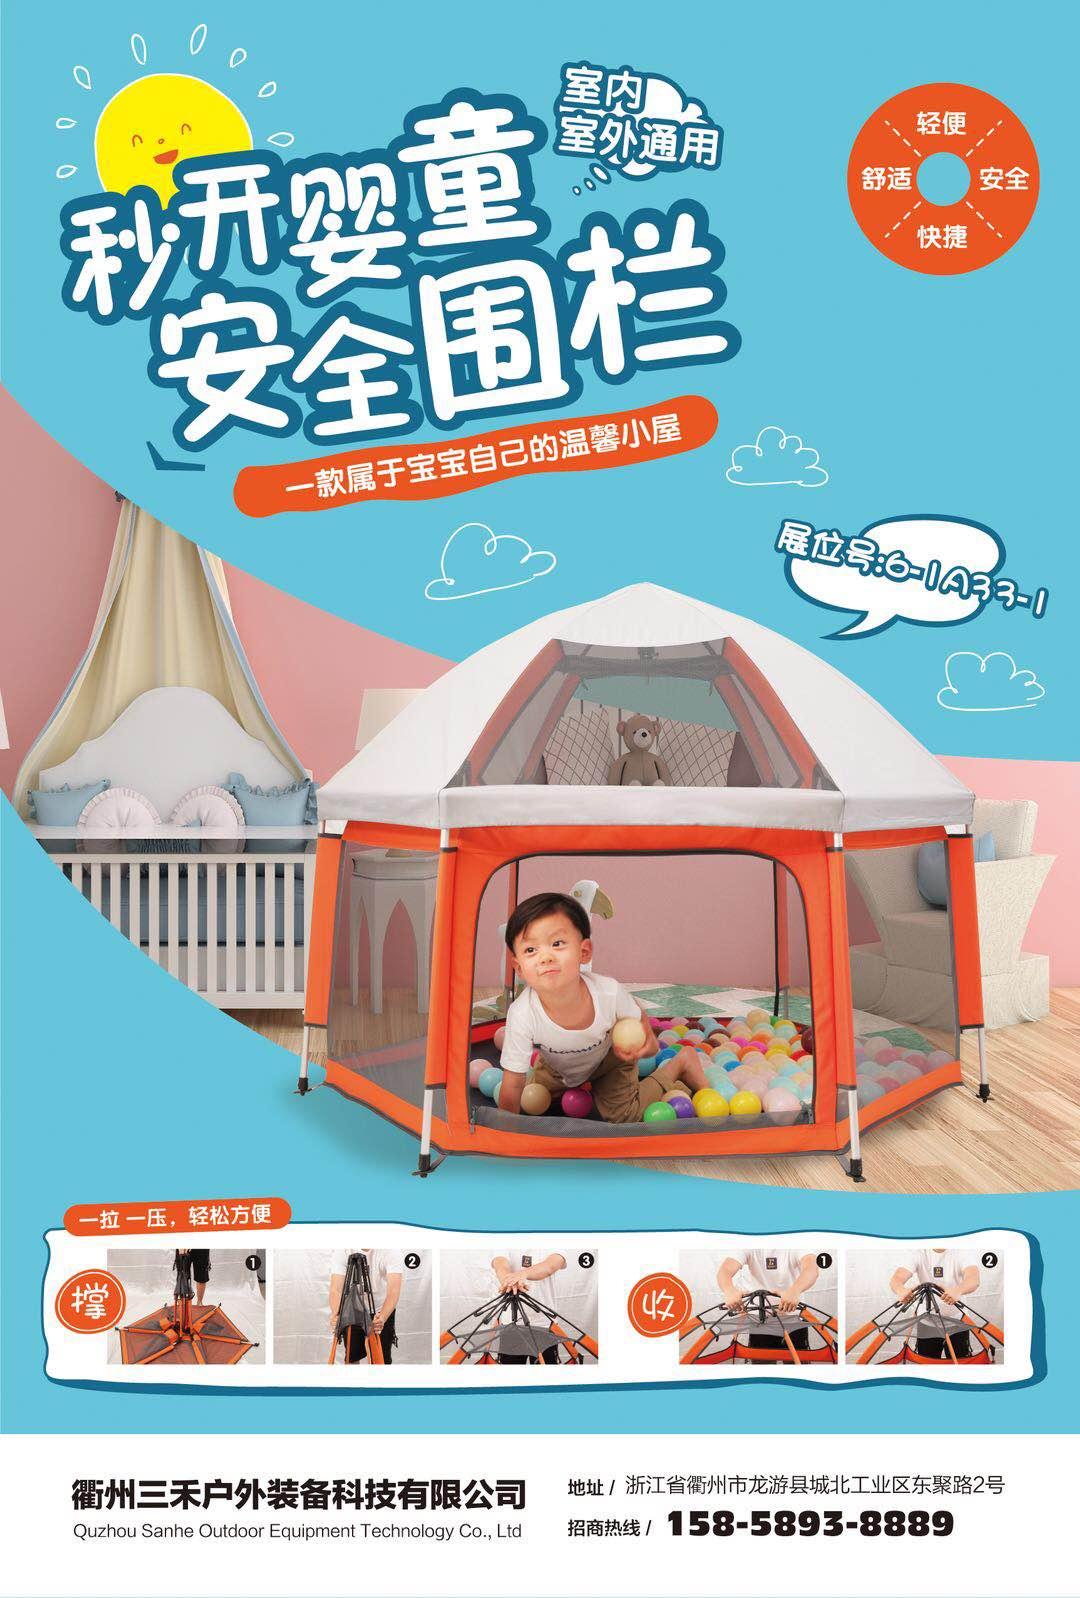 Quzhou Sanhe Outdoor Equipment Technology Co., Ltd